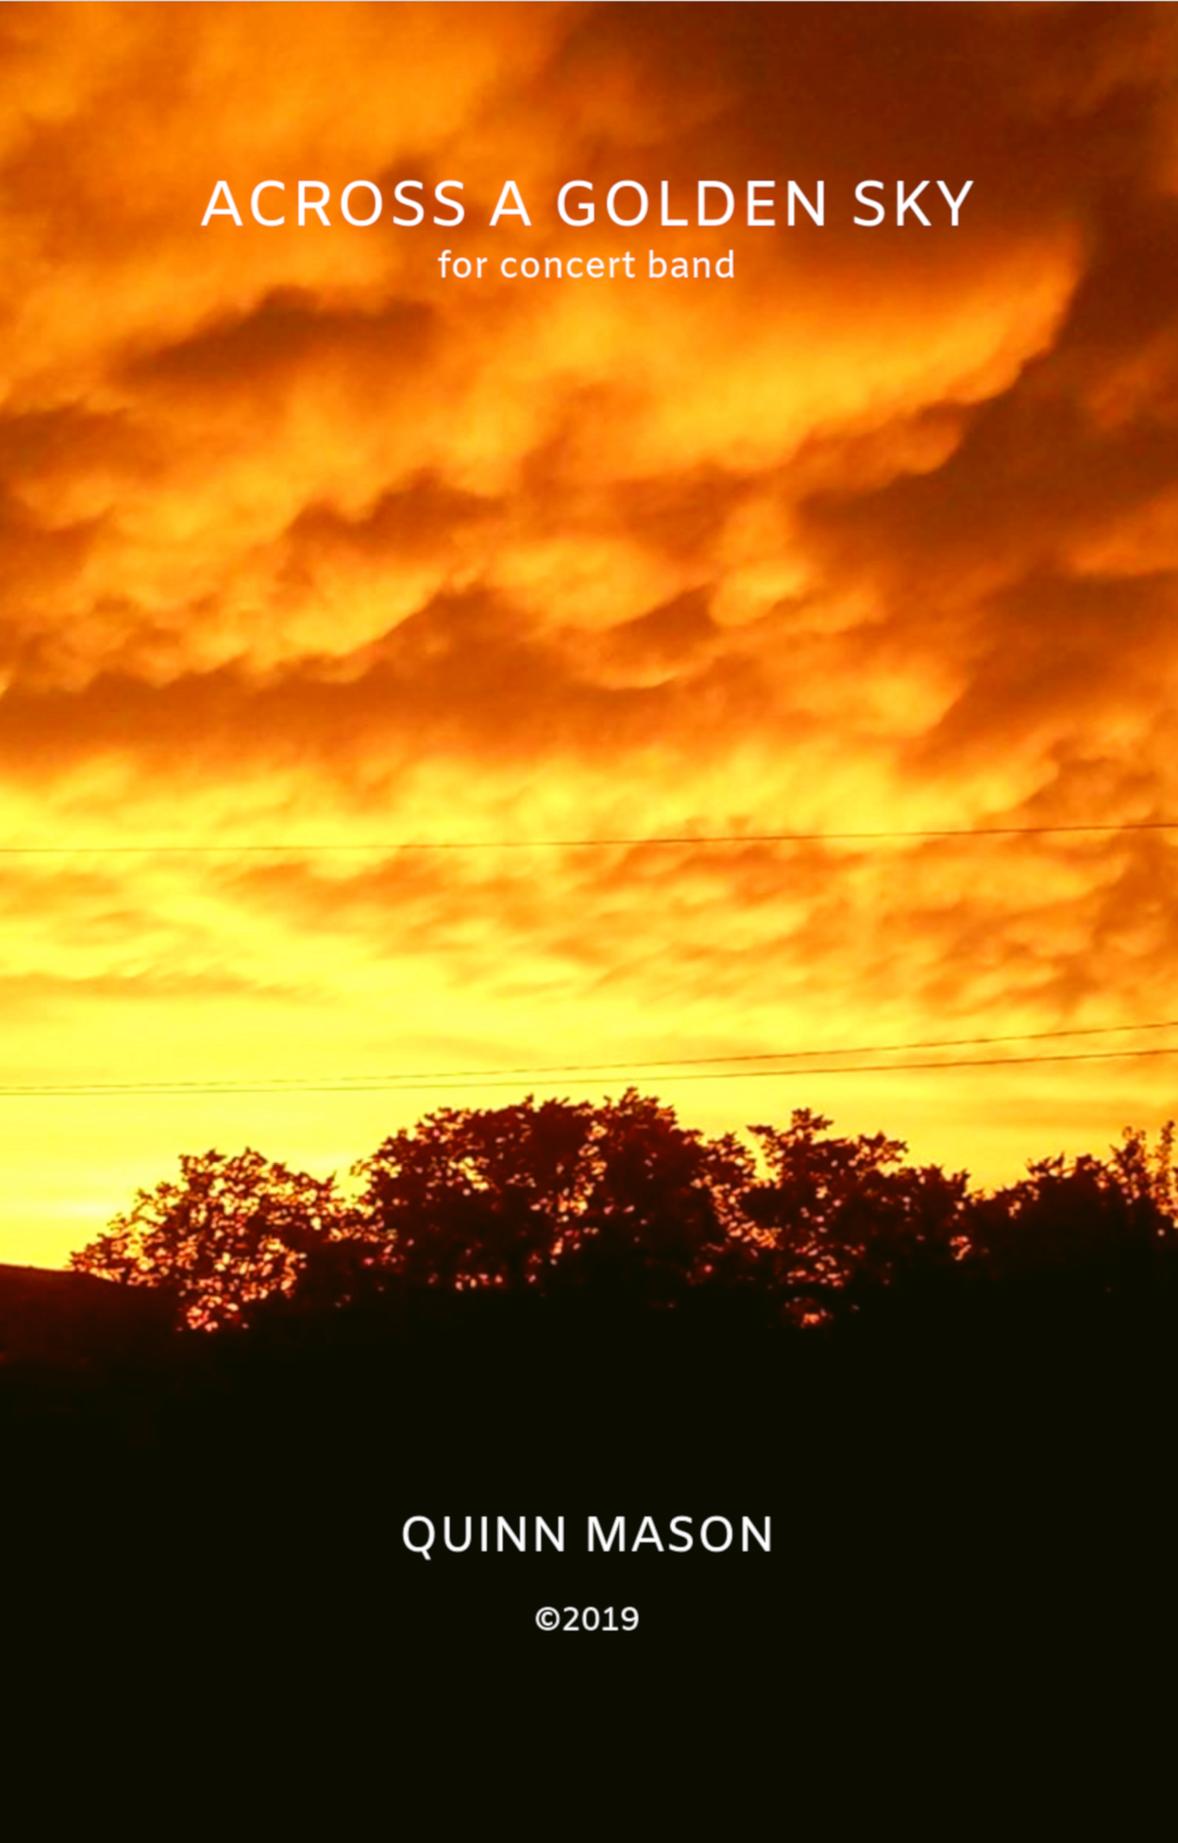 Across A Golden Sky by Quinn Mason